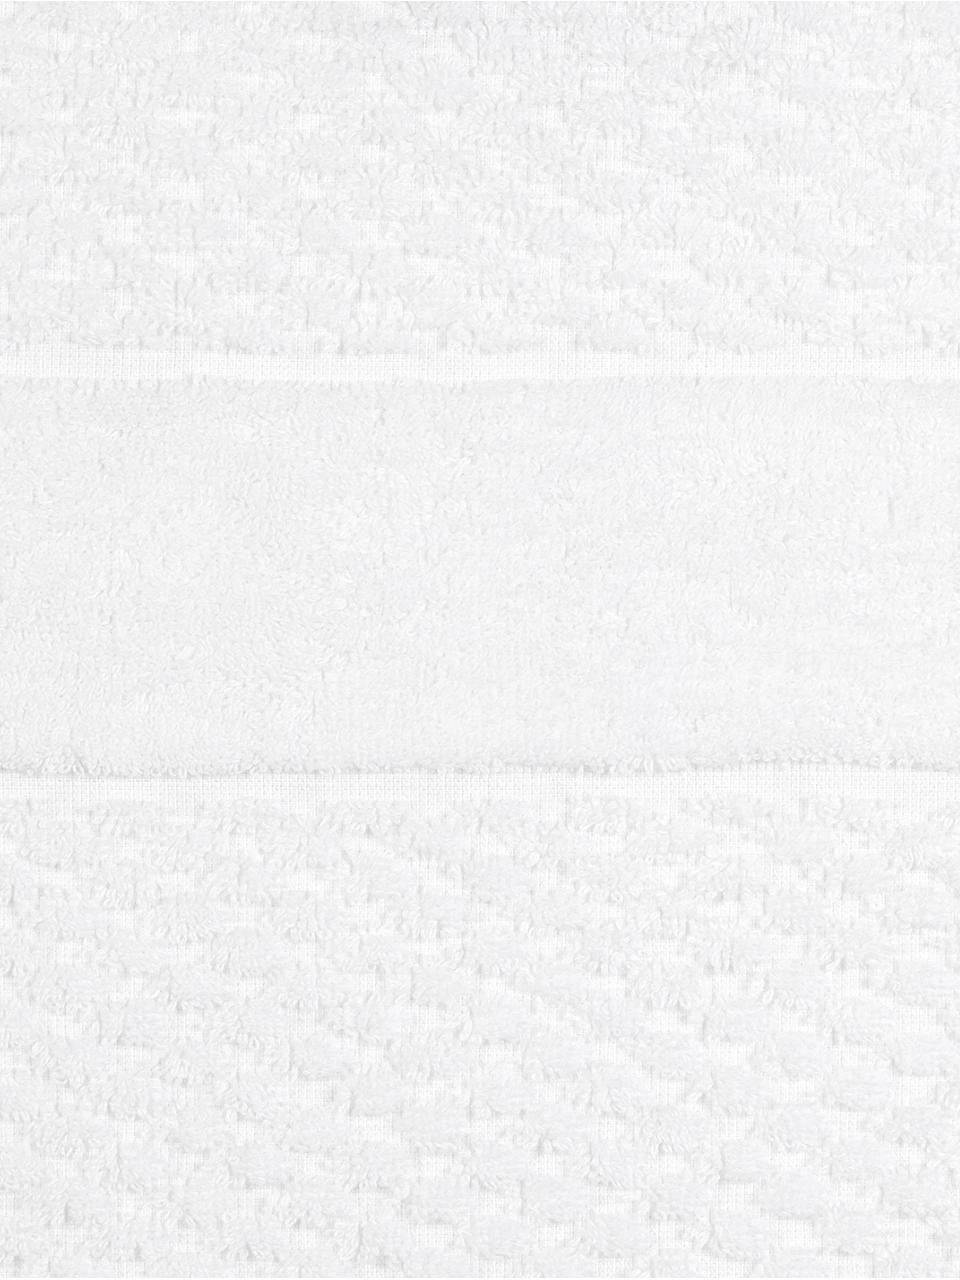 Handtuch-Set Katharina mit Wabenmuster, 3-tlg., Weiß, Sondergrößen